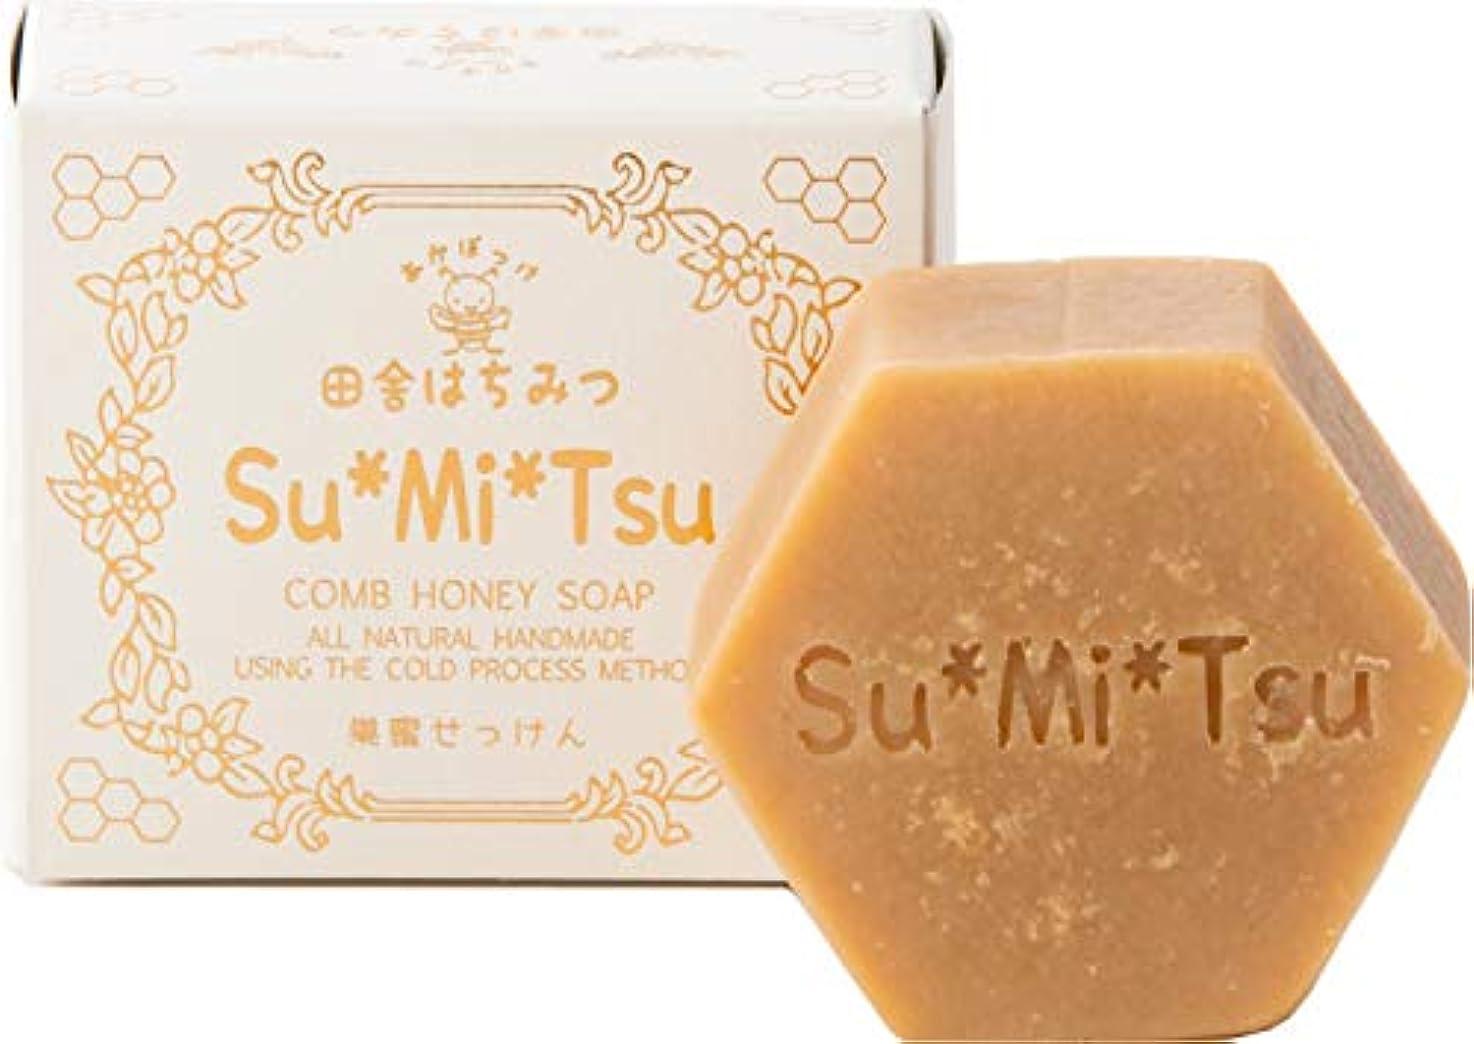 忠実に部信頼性SuMiTsu 巣蜜スキンケア ピュアな素肌 濃蜜 ハチミツボタニカル 贅沢配合 (石けん)